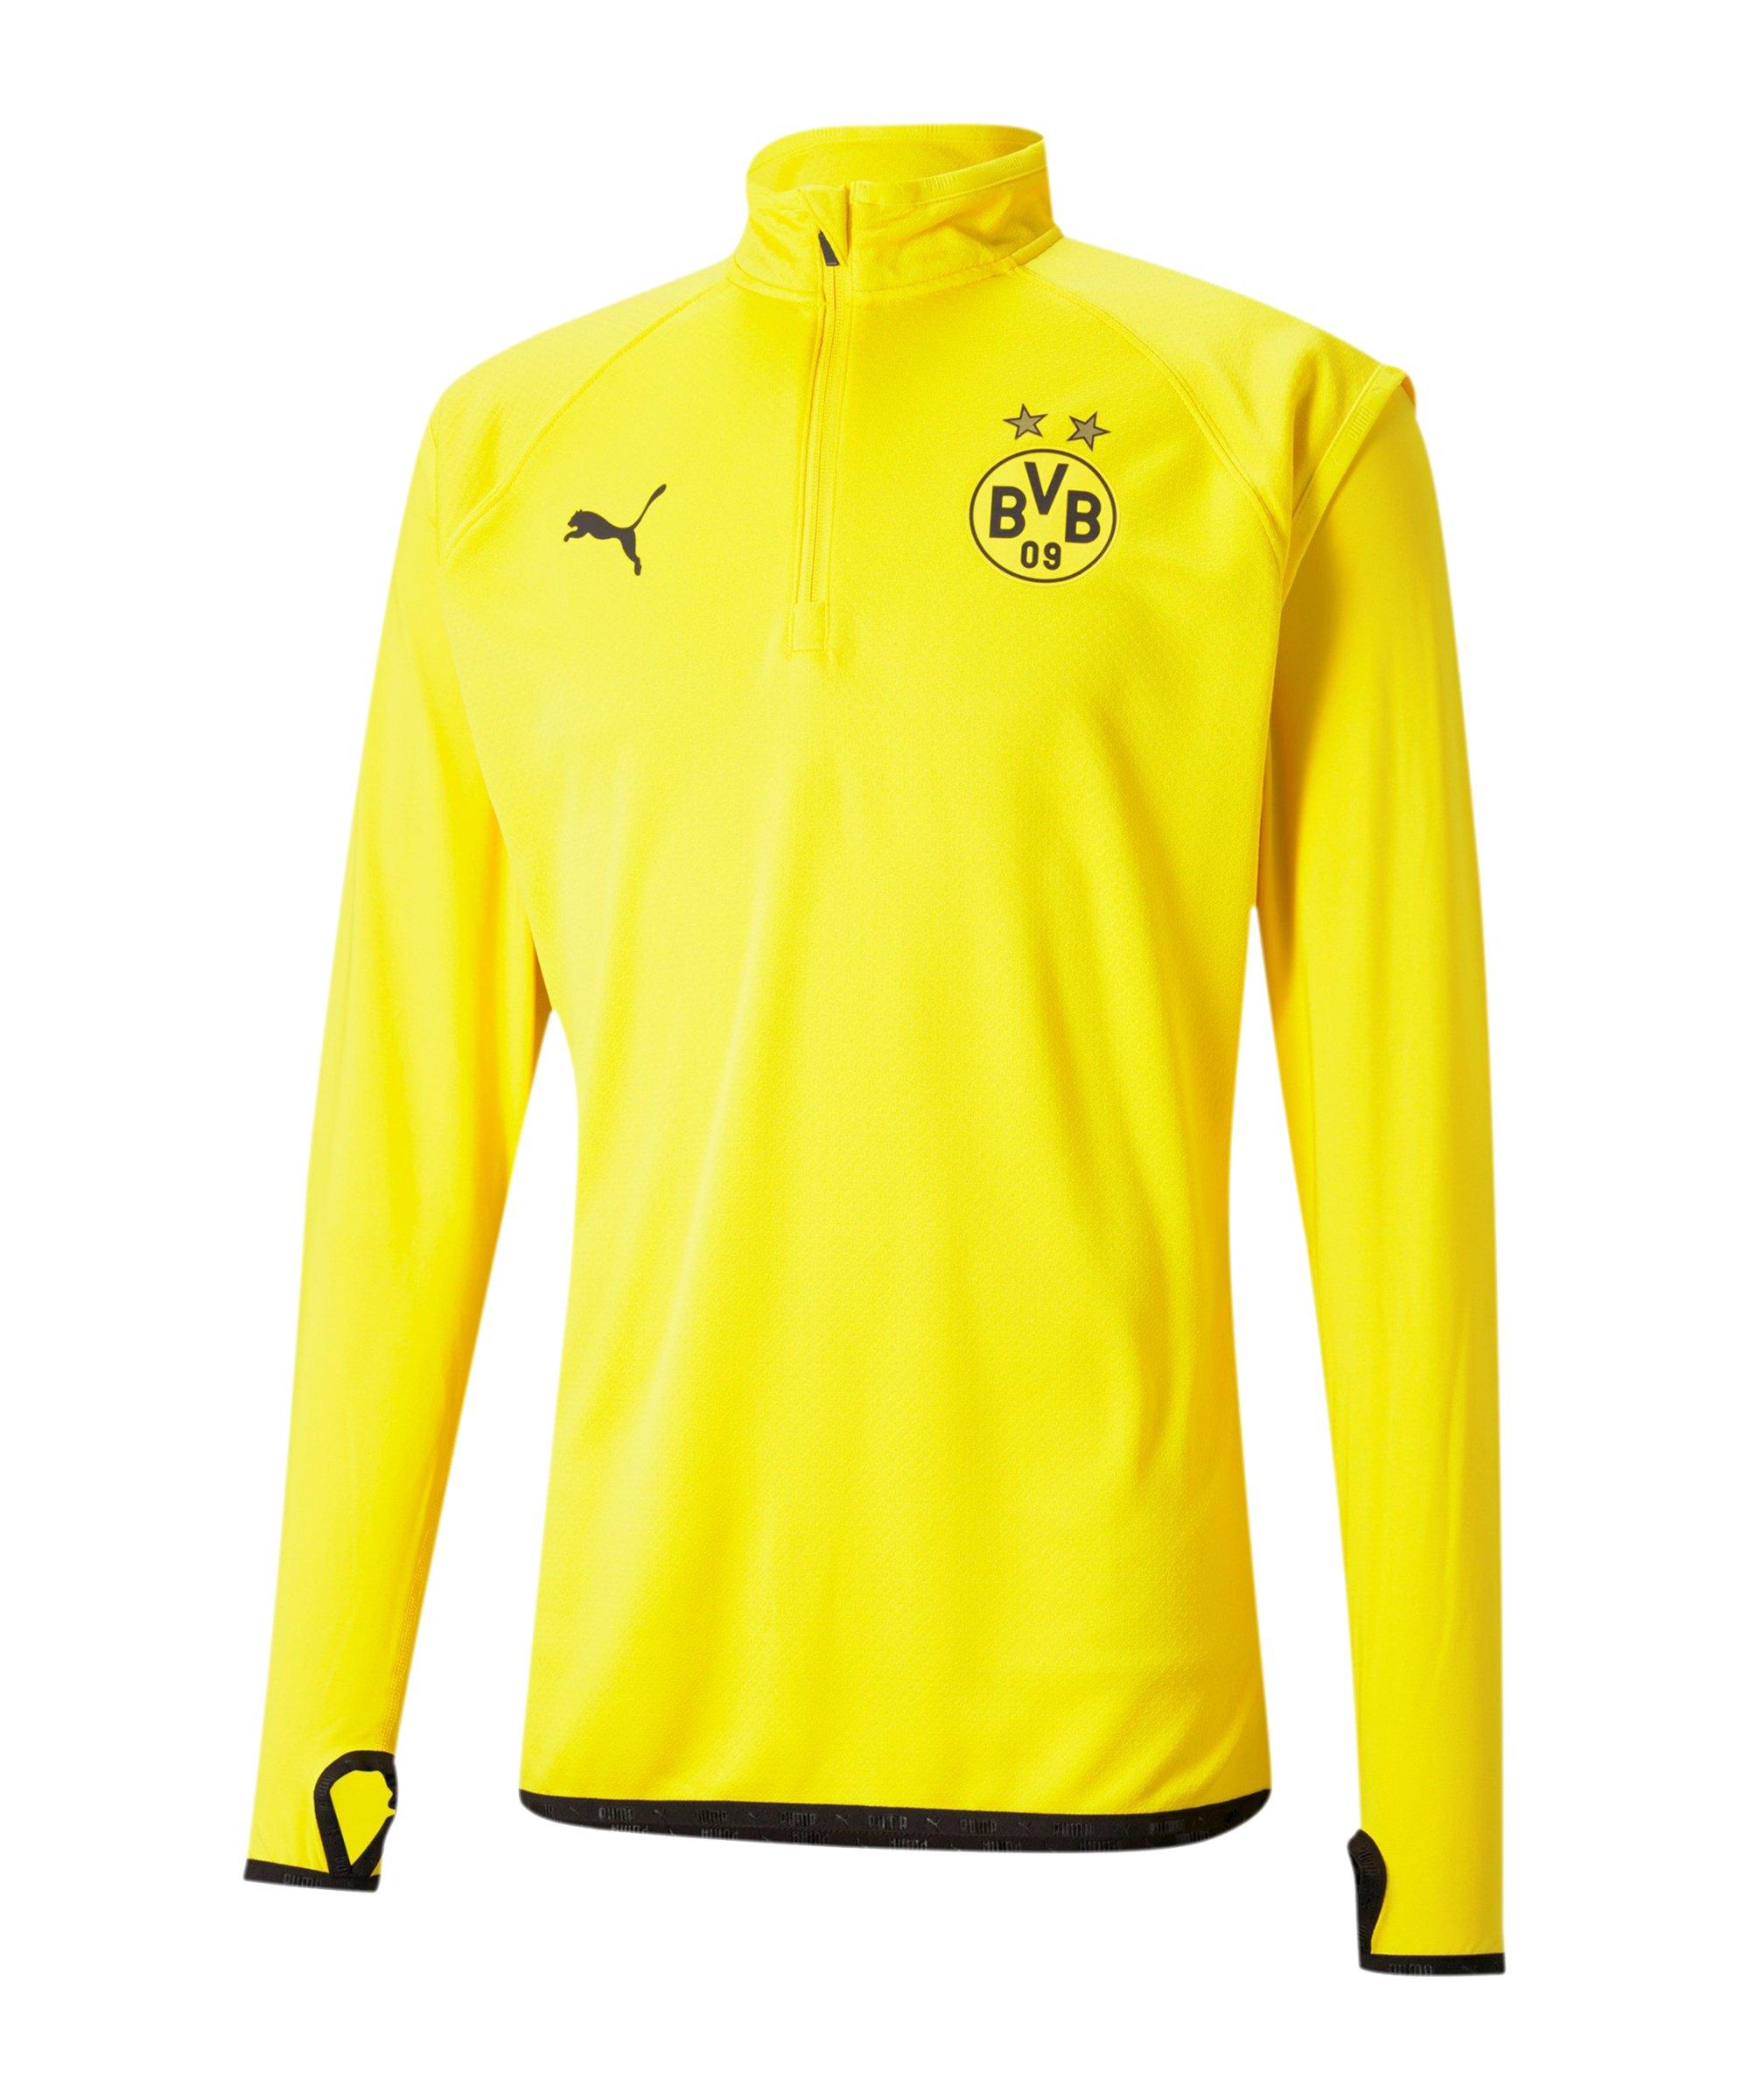 PUMA BVB Dortmund 1/4 Zip Top Gelb F01 - gelb